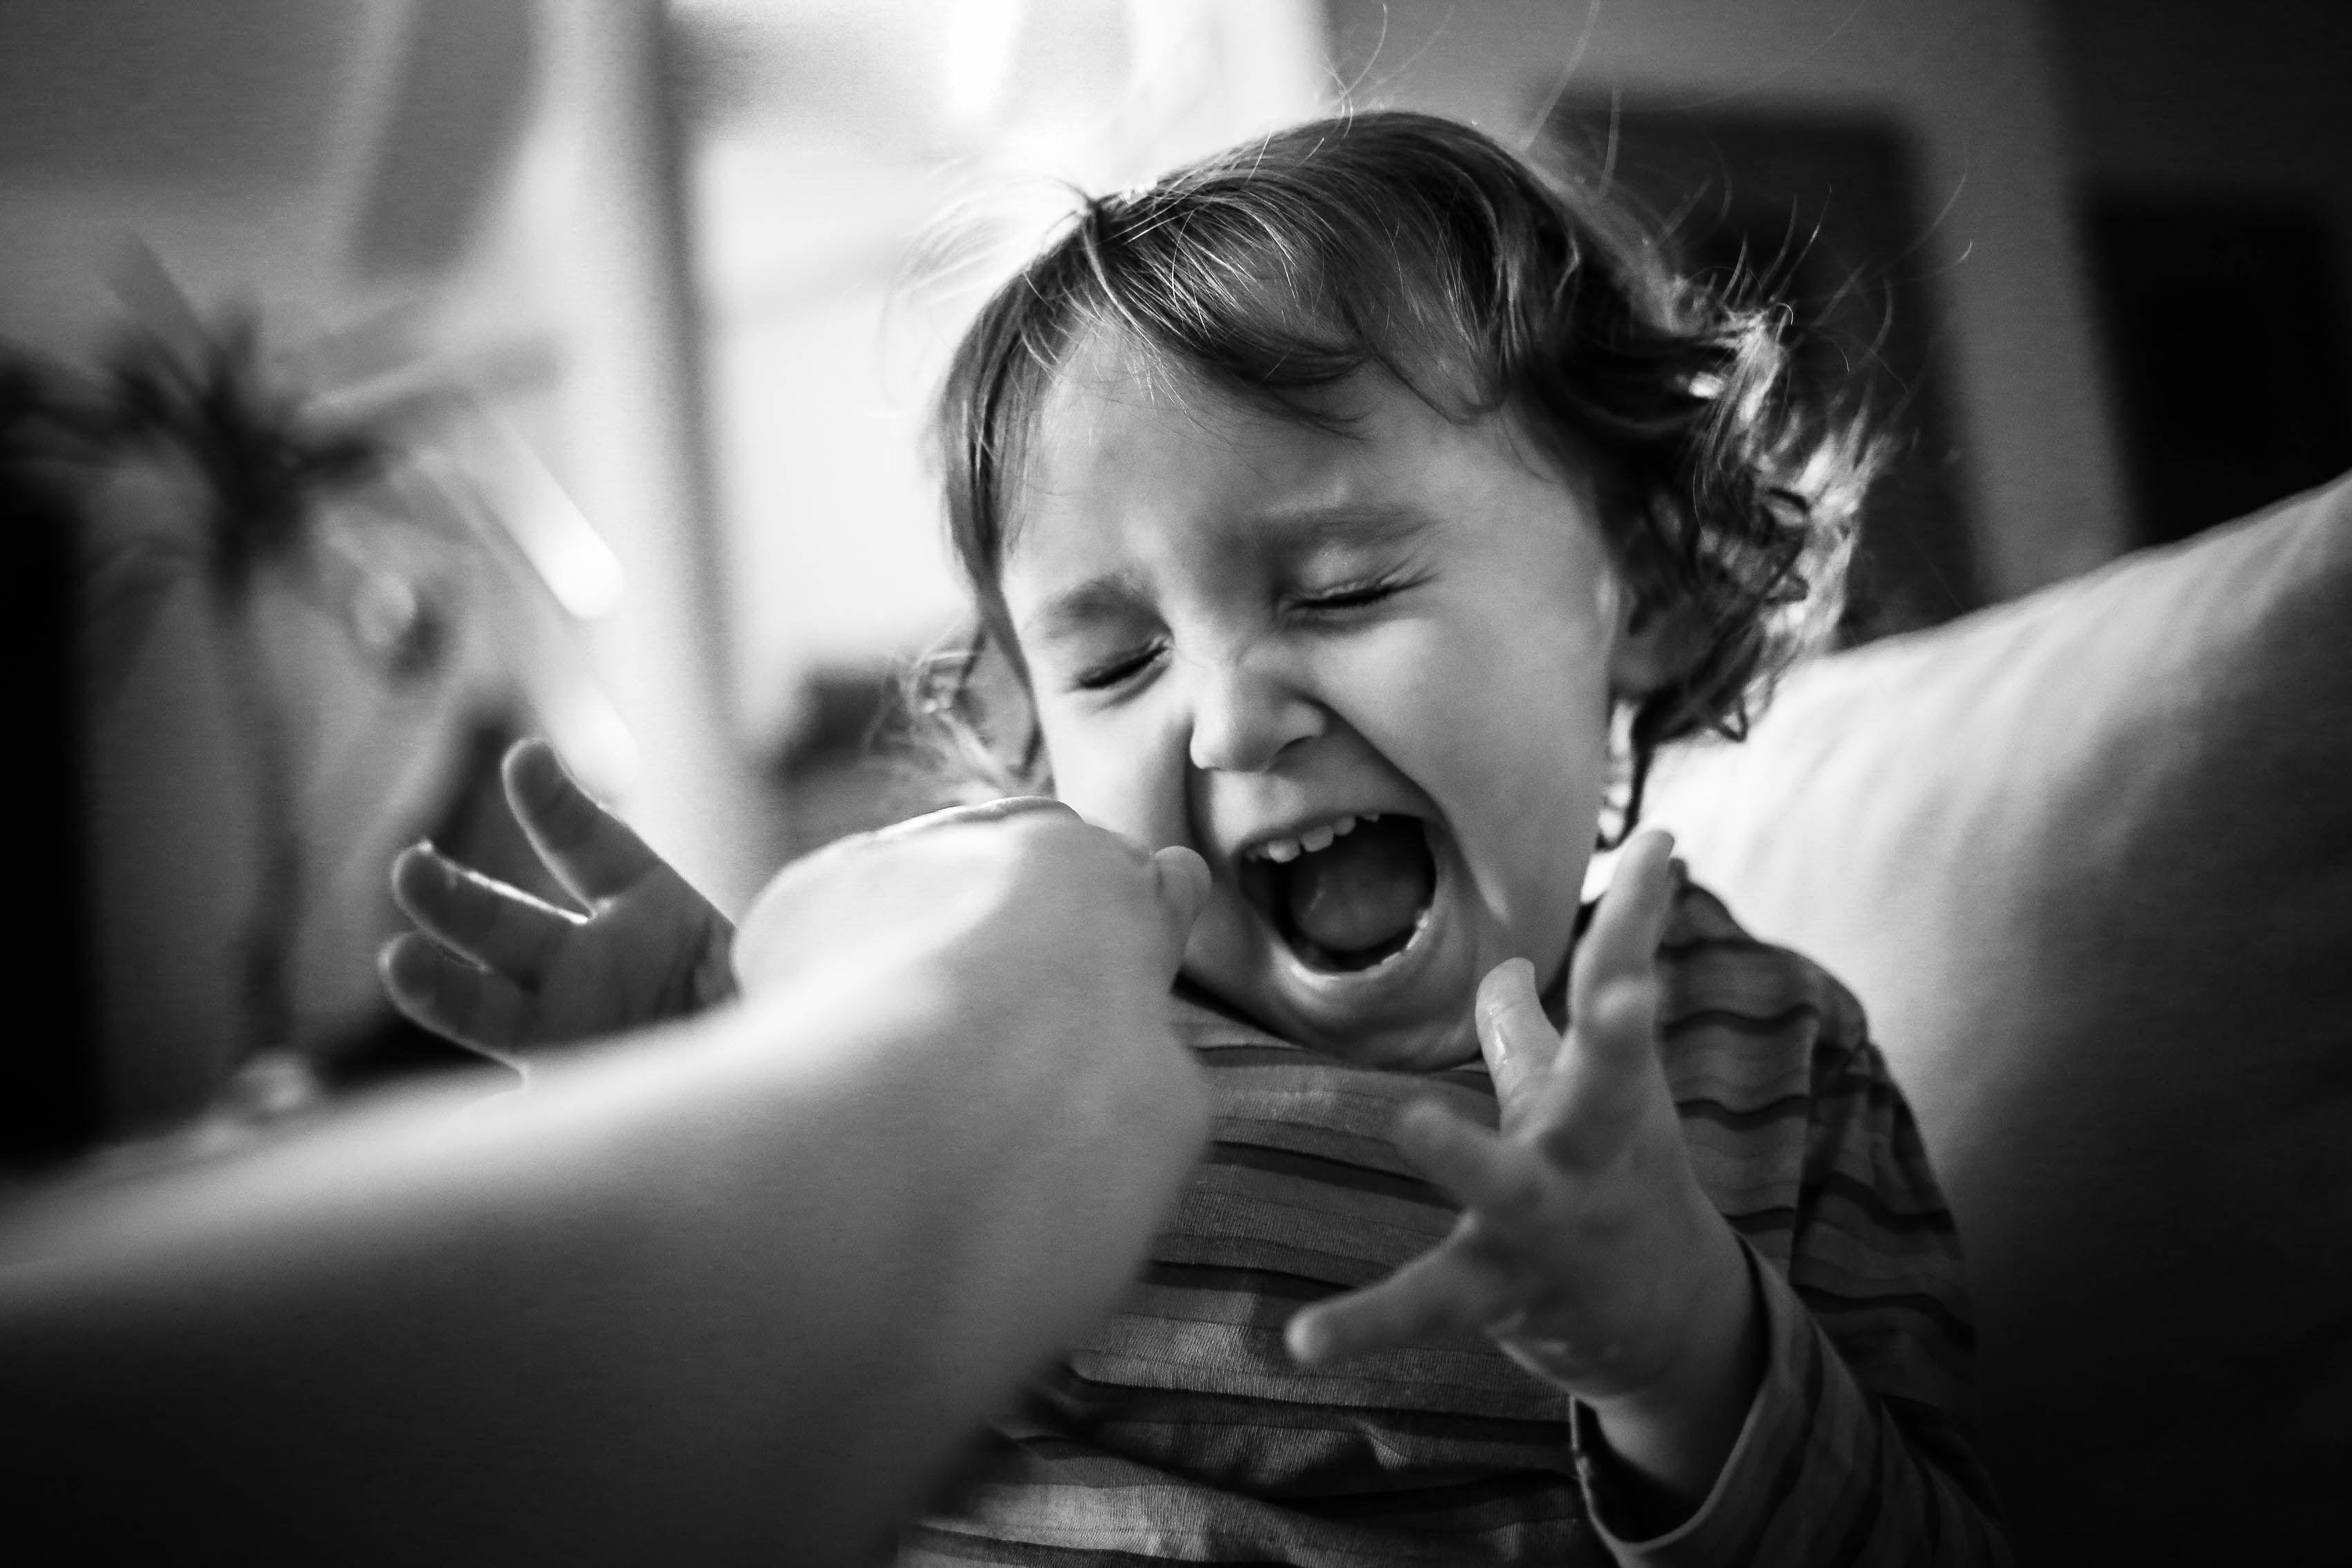 Children photography emotions in bw by dee schneider foto